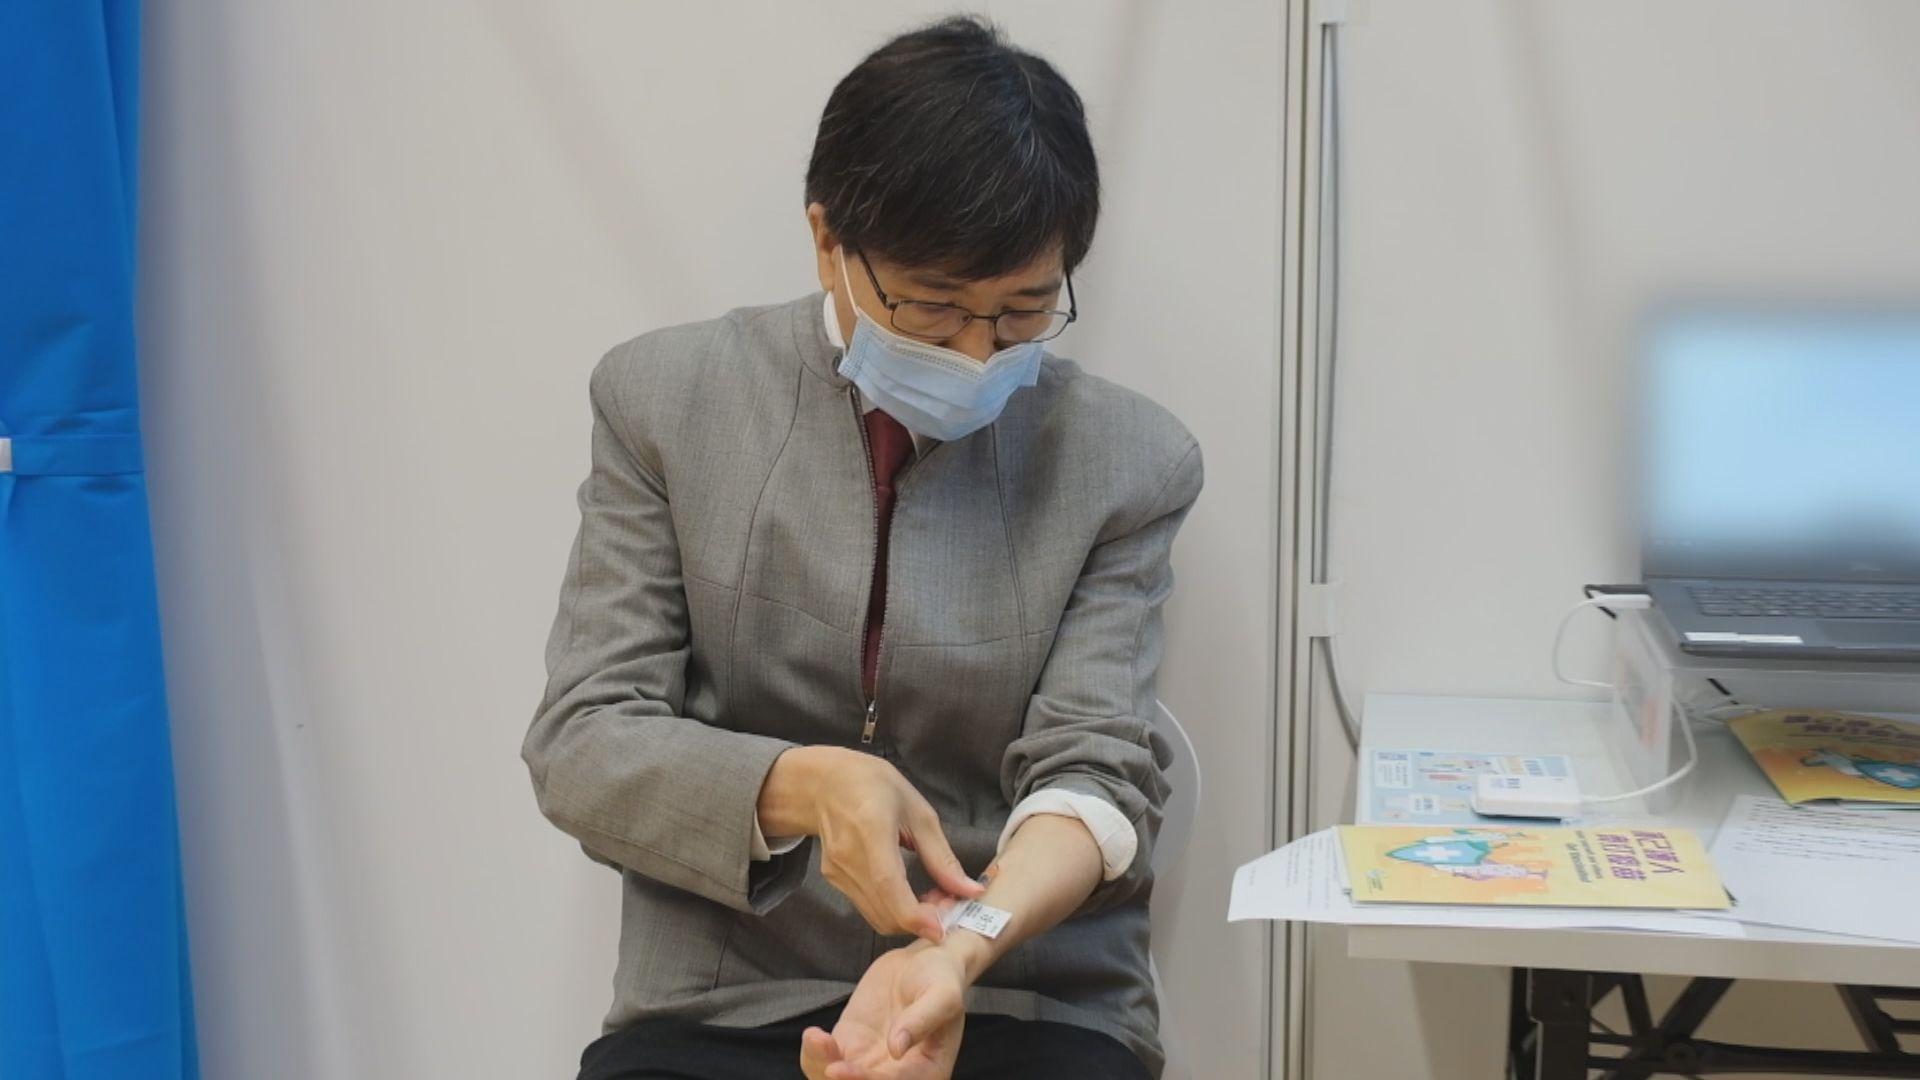 月初注射復必泰疫苗 袁國勇:已產生抗體